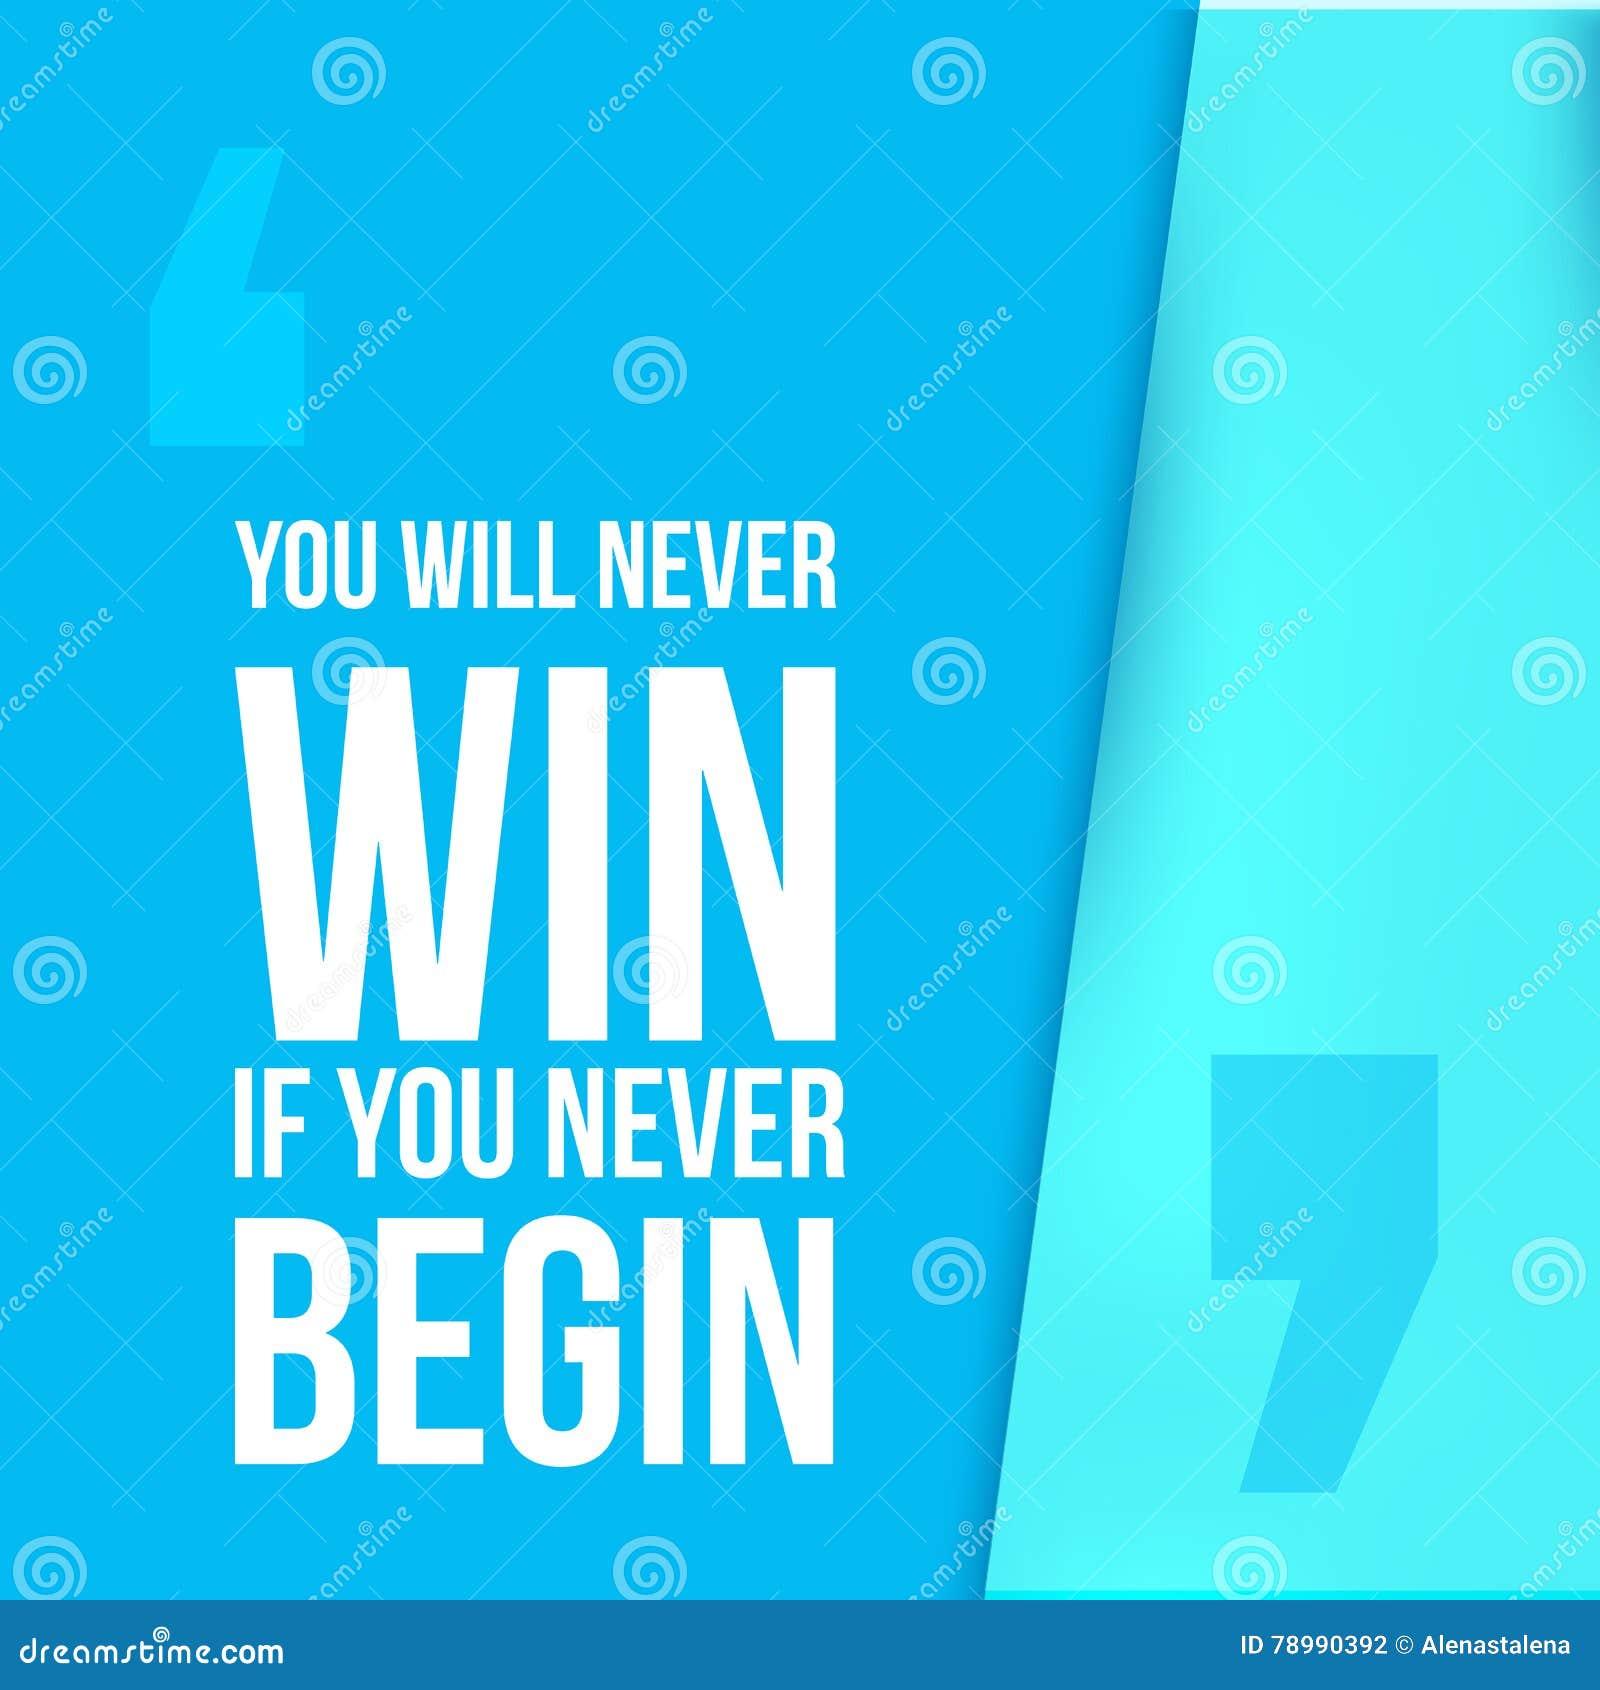 Inspirational Success Pics Download: Motivational Stock Photos